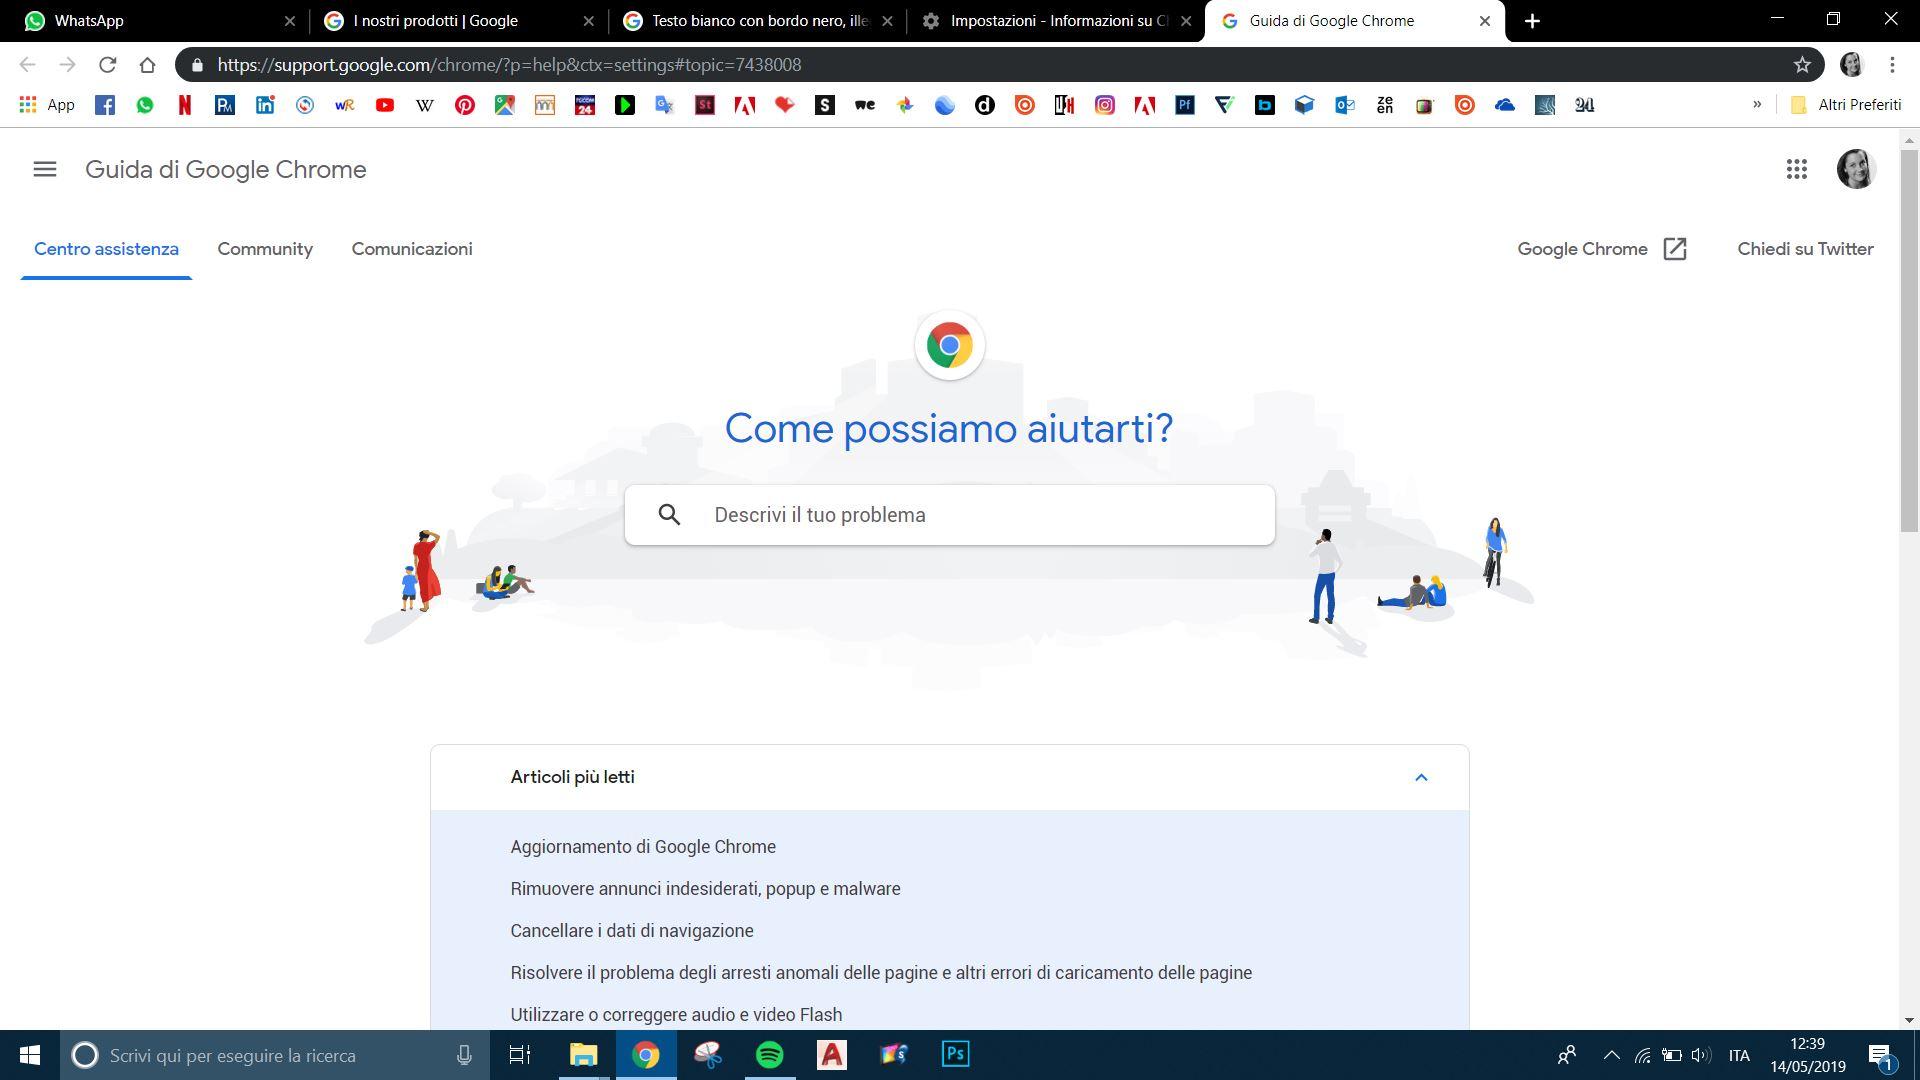 Chrome Con Sfondo Nero E Scritte Bianche Guida Di Google